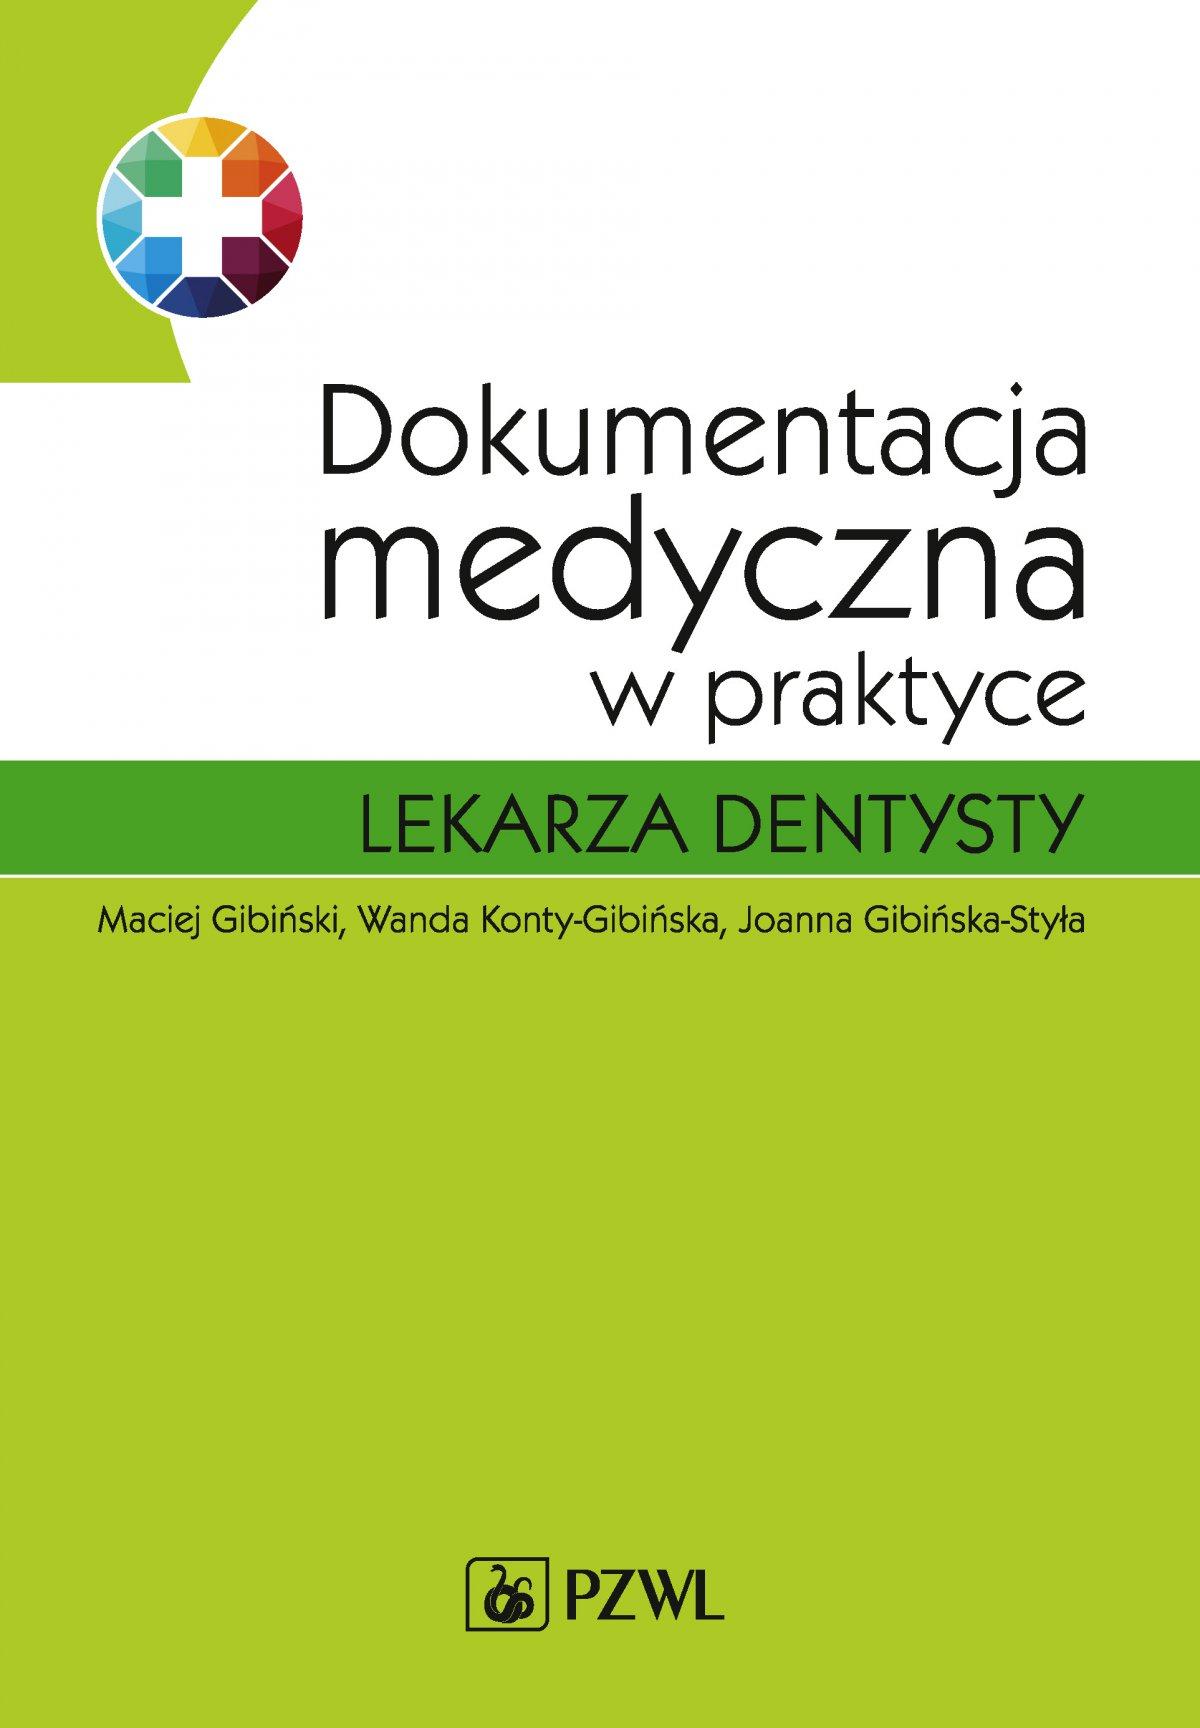 Dokumentacja medyczna w praktyce lekarza dentysty - Ebook (Książka na Kindle) do pobrania w formacie MOBI